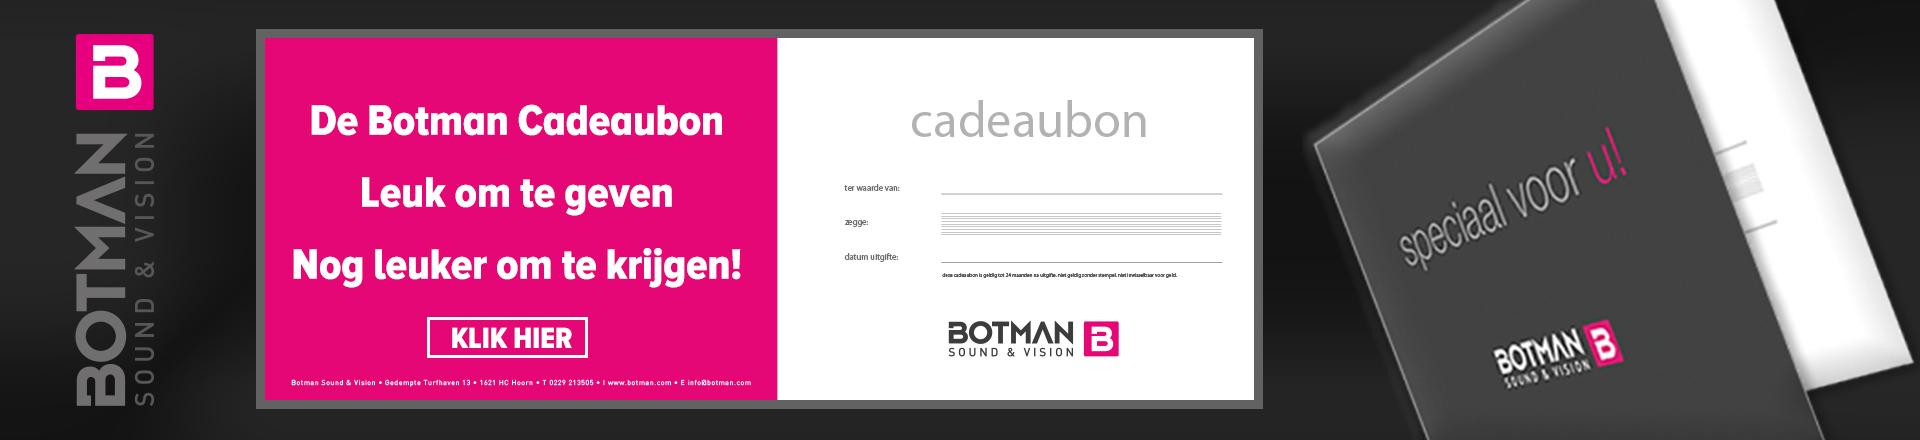 Botman Sound & Vision Cadeaubon